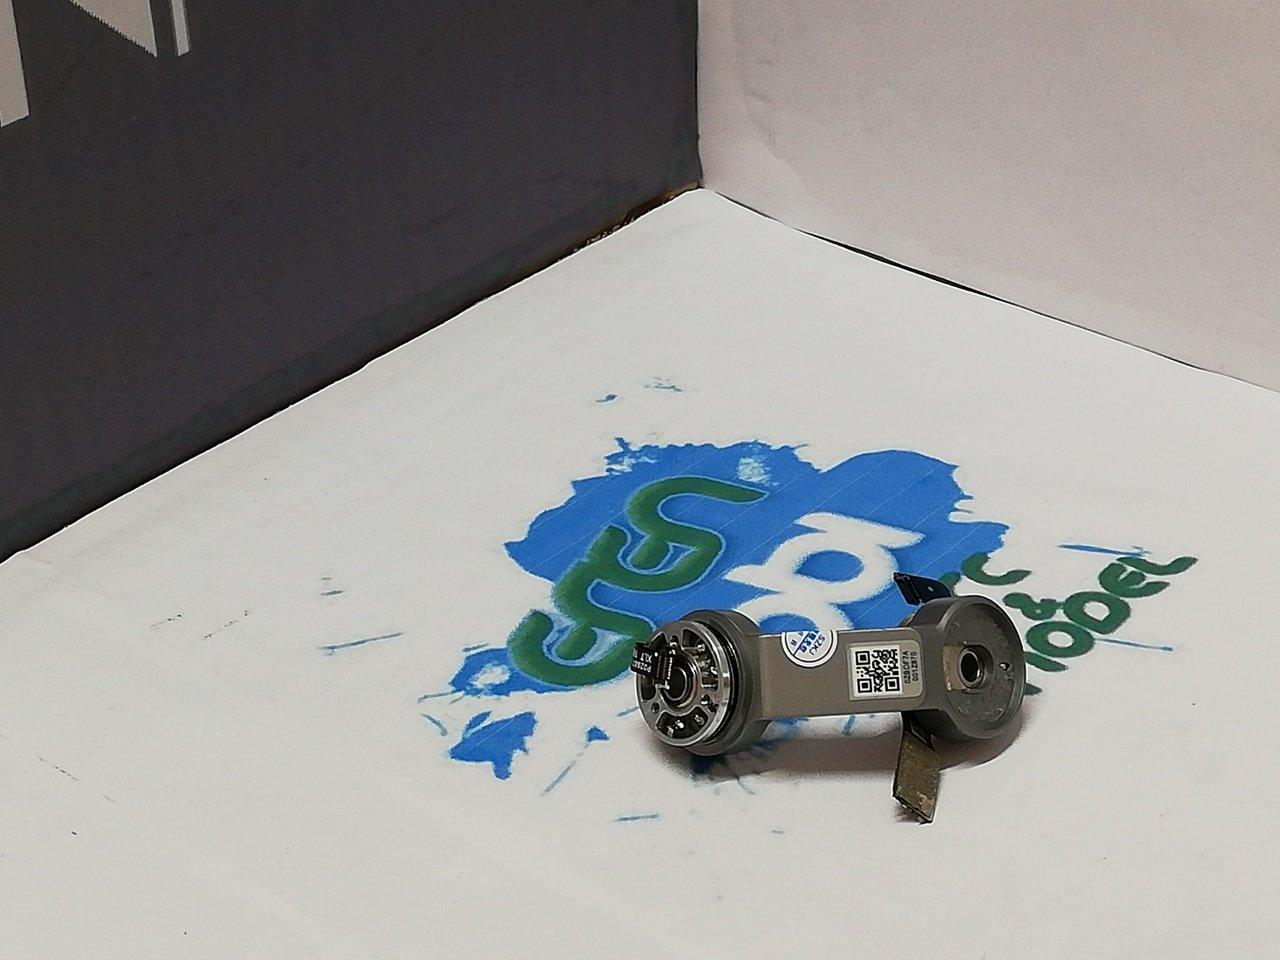 Mavic 2 pro & zoom için yaw kolu ve motorları